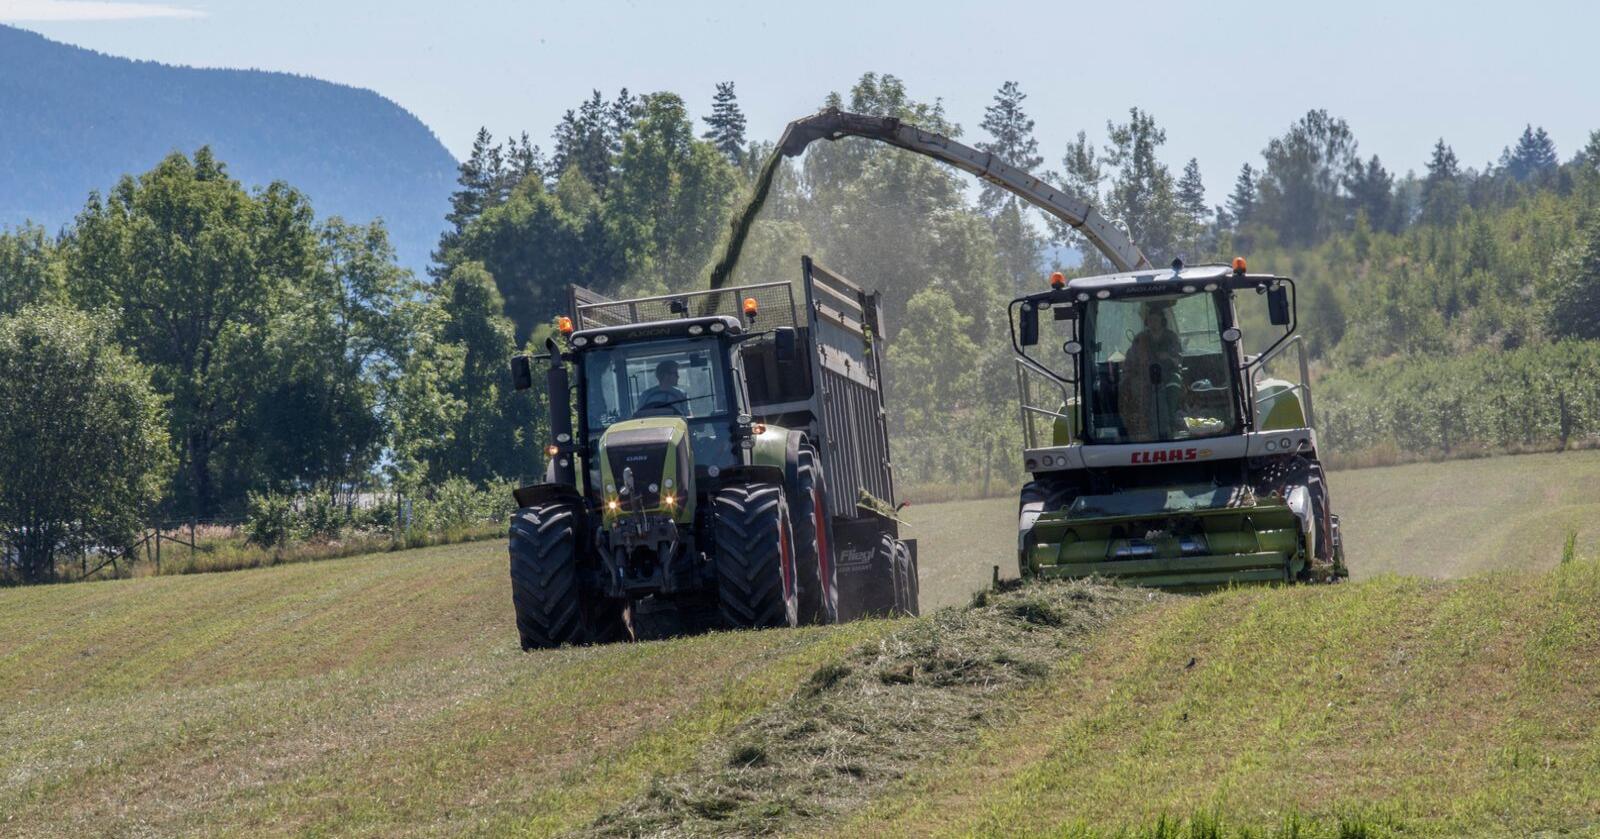 Flere bønder er misfornøyde med resultatet av jordbruksoppgjøret etter at prisen på handelsgjødsel steg med nærmere 30 prosent. Foto: Terje Bendiksby / NTB